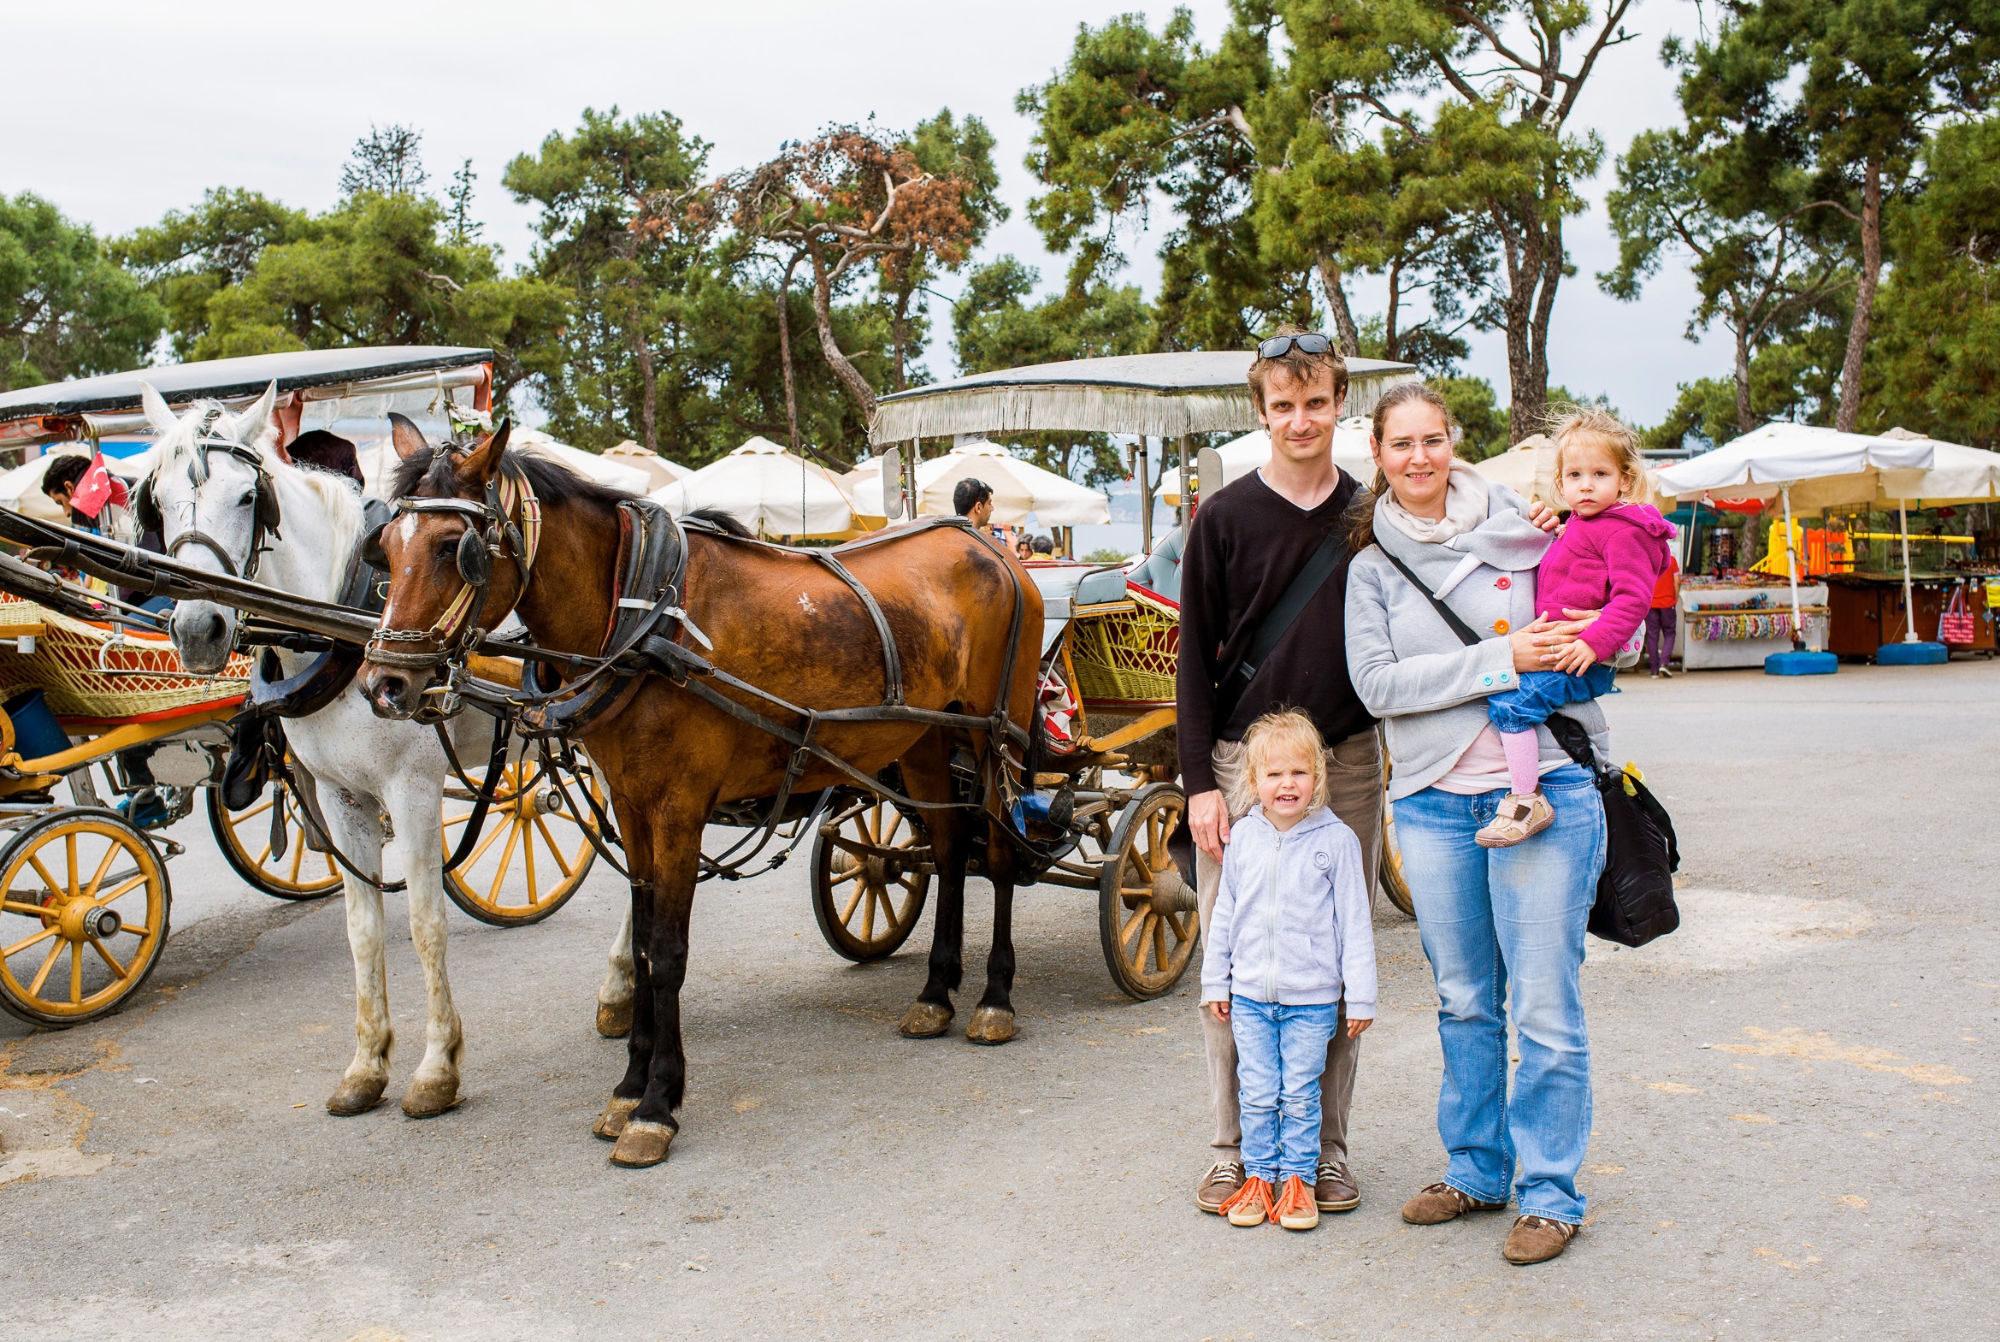 Valka Family in Turkey 2014